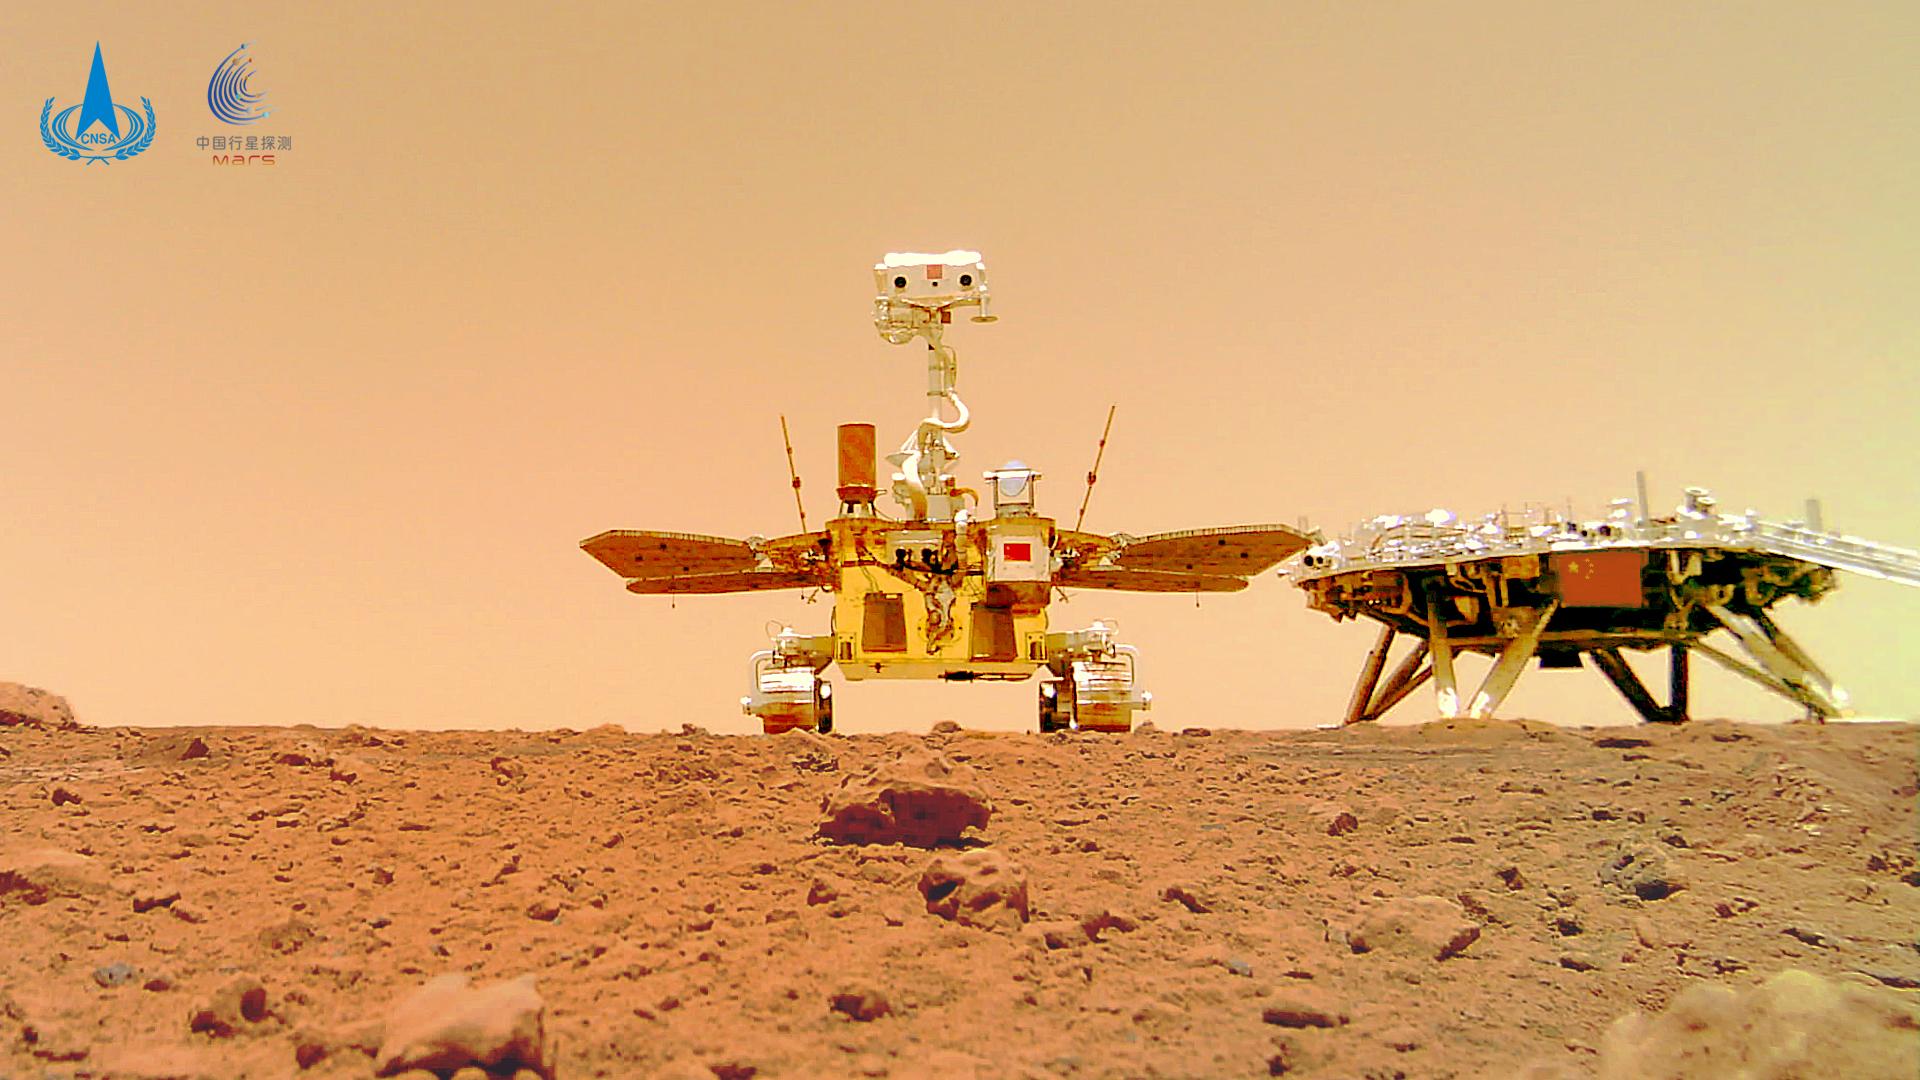 Le rover martien chinois Zhurong pose pour un autoportrait avec son atterrisseur sur cette photo d'Utopia Planitia publiée le 11 juin 2021.